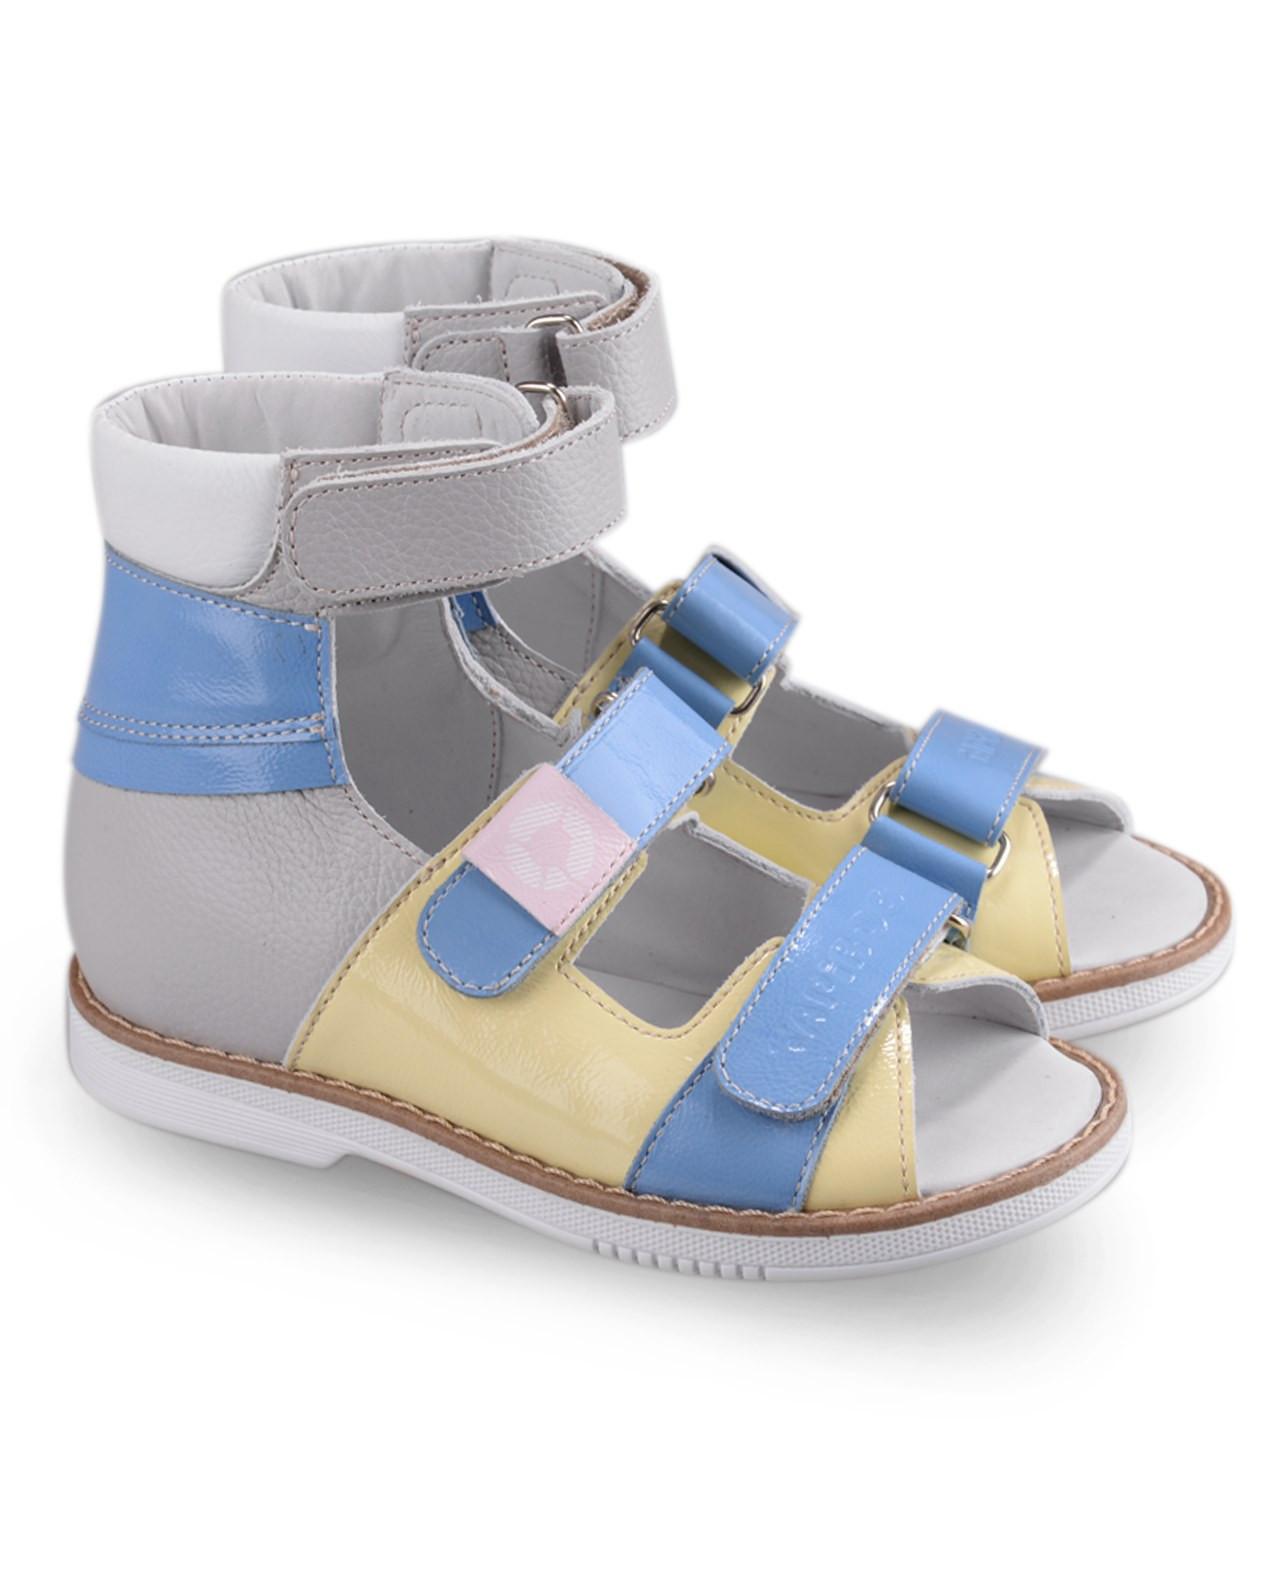 Сандалии Детские, Tapiboo Сладкая Вата (44078, Сандалии<br>Эти ортопедические сандалии разработаны <br>для коррекции стоп при вальгусной деформации, <br>а также для профилактики плоскостопия. <br>Применение данной модели рекомендовано <br>детям при наличии сформировавшихся деформаций. <br>При применении данной обуви рекомендуется <br>использование индивидуальных ортопедических <br>стелек по назначению врача-ортопеда. Жесткий <br>фиксирующий задник увеличенной высоты <br>и возможность регулировки полноты тремя <br>застежками «велкро» обеспечивают необходимую <br>фиксацию голеностопа в правильном положении. <br>Широкий, устойчивый каблук, специальной <br>конфигурации «каблук Томаса». Каблук продлен <br>с внутренней стороны до середины стопы, <br>предотвращает вращение (заваливание) стопы <br>вовнутрь (пронационный компонент деформации, <br>так называемая косолапость, или вальгусная <br>деформация). Подкладка из кожи теленка без <br>швов. Кожа теленка обладает повышенной <br>износостойкостью в сочетании с мягкостью <br>и отличной способностью пропускать воздух <br>для создания оптимального температурного <br>режима (нога не потеет). Отсутствие швов <br>на подкладк<br>Размер INT: M; Цвет: Красный; Ширина: 100; Высота: 200; Вес: 1000;